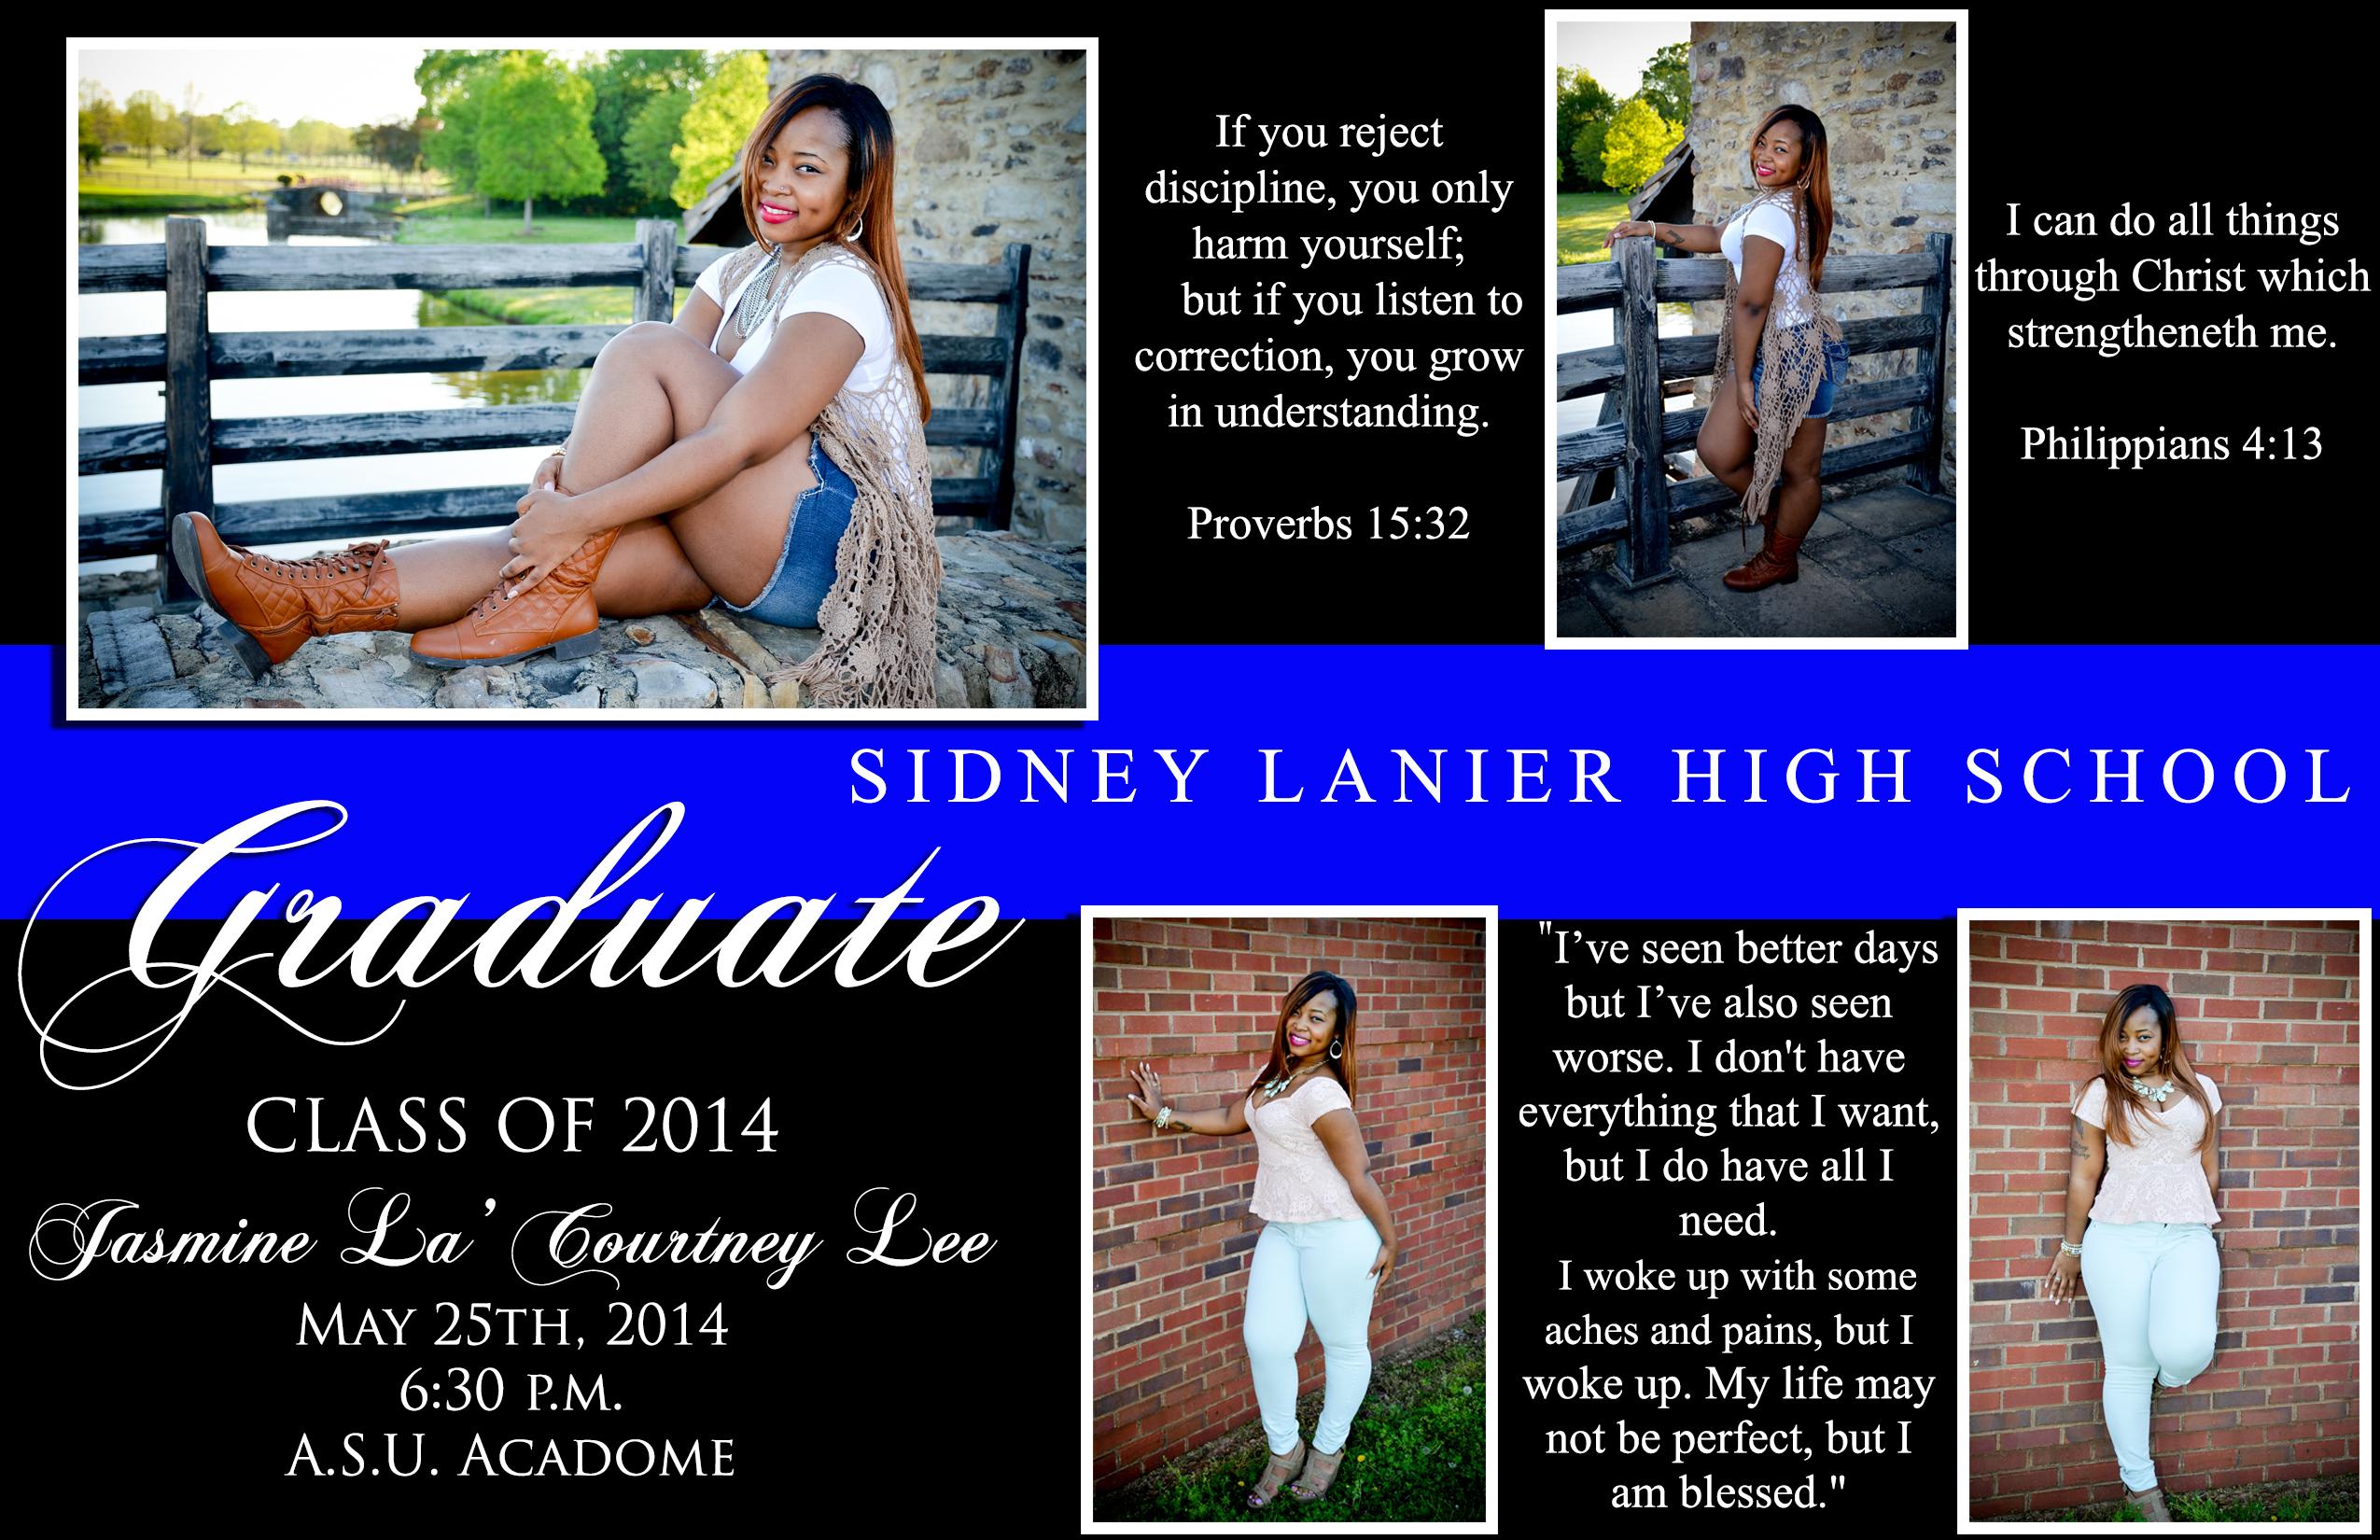 Jasmine Lee Invitation